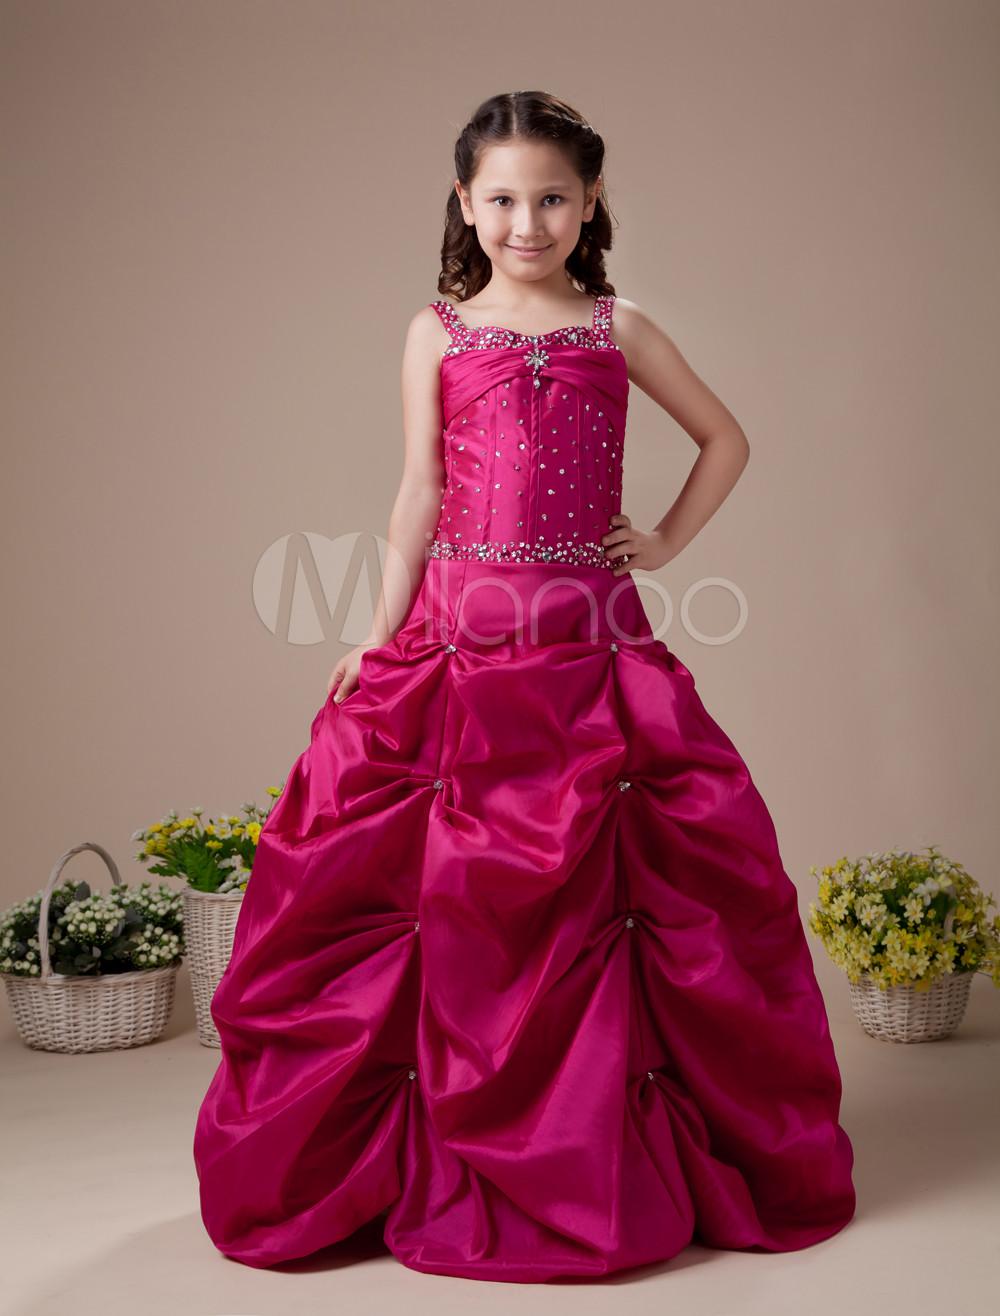 red flower girl dress. Black Bedroom Furniture Sets. Home Design Ideas